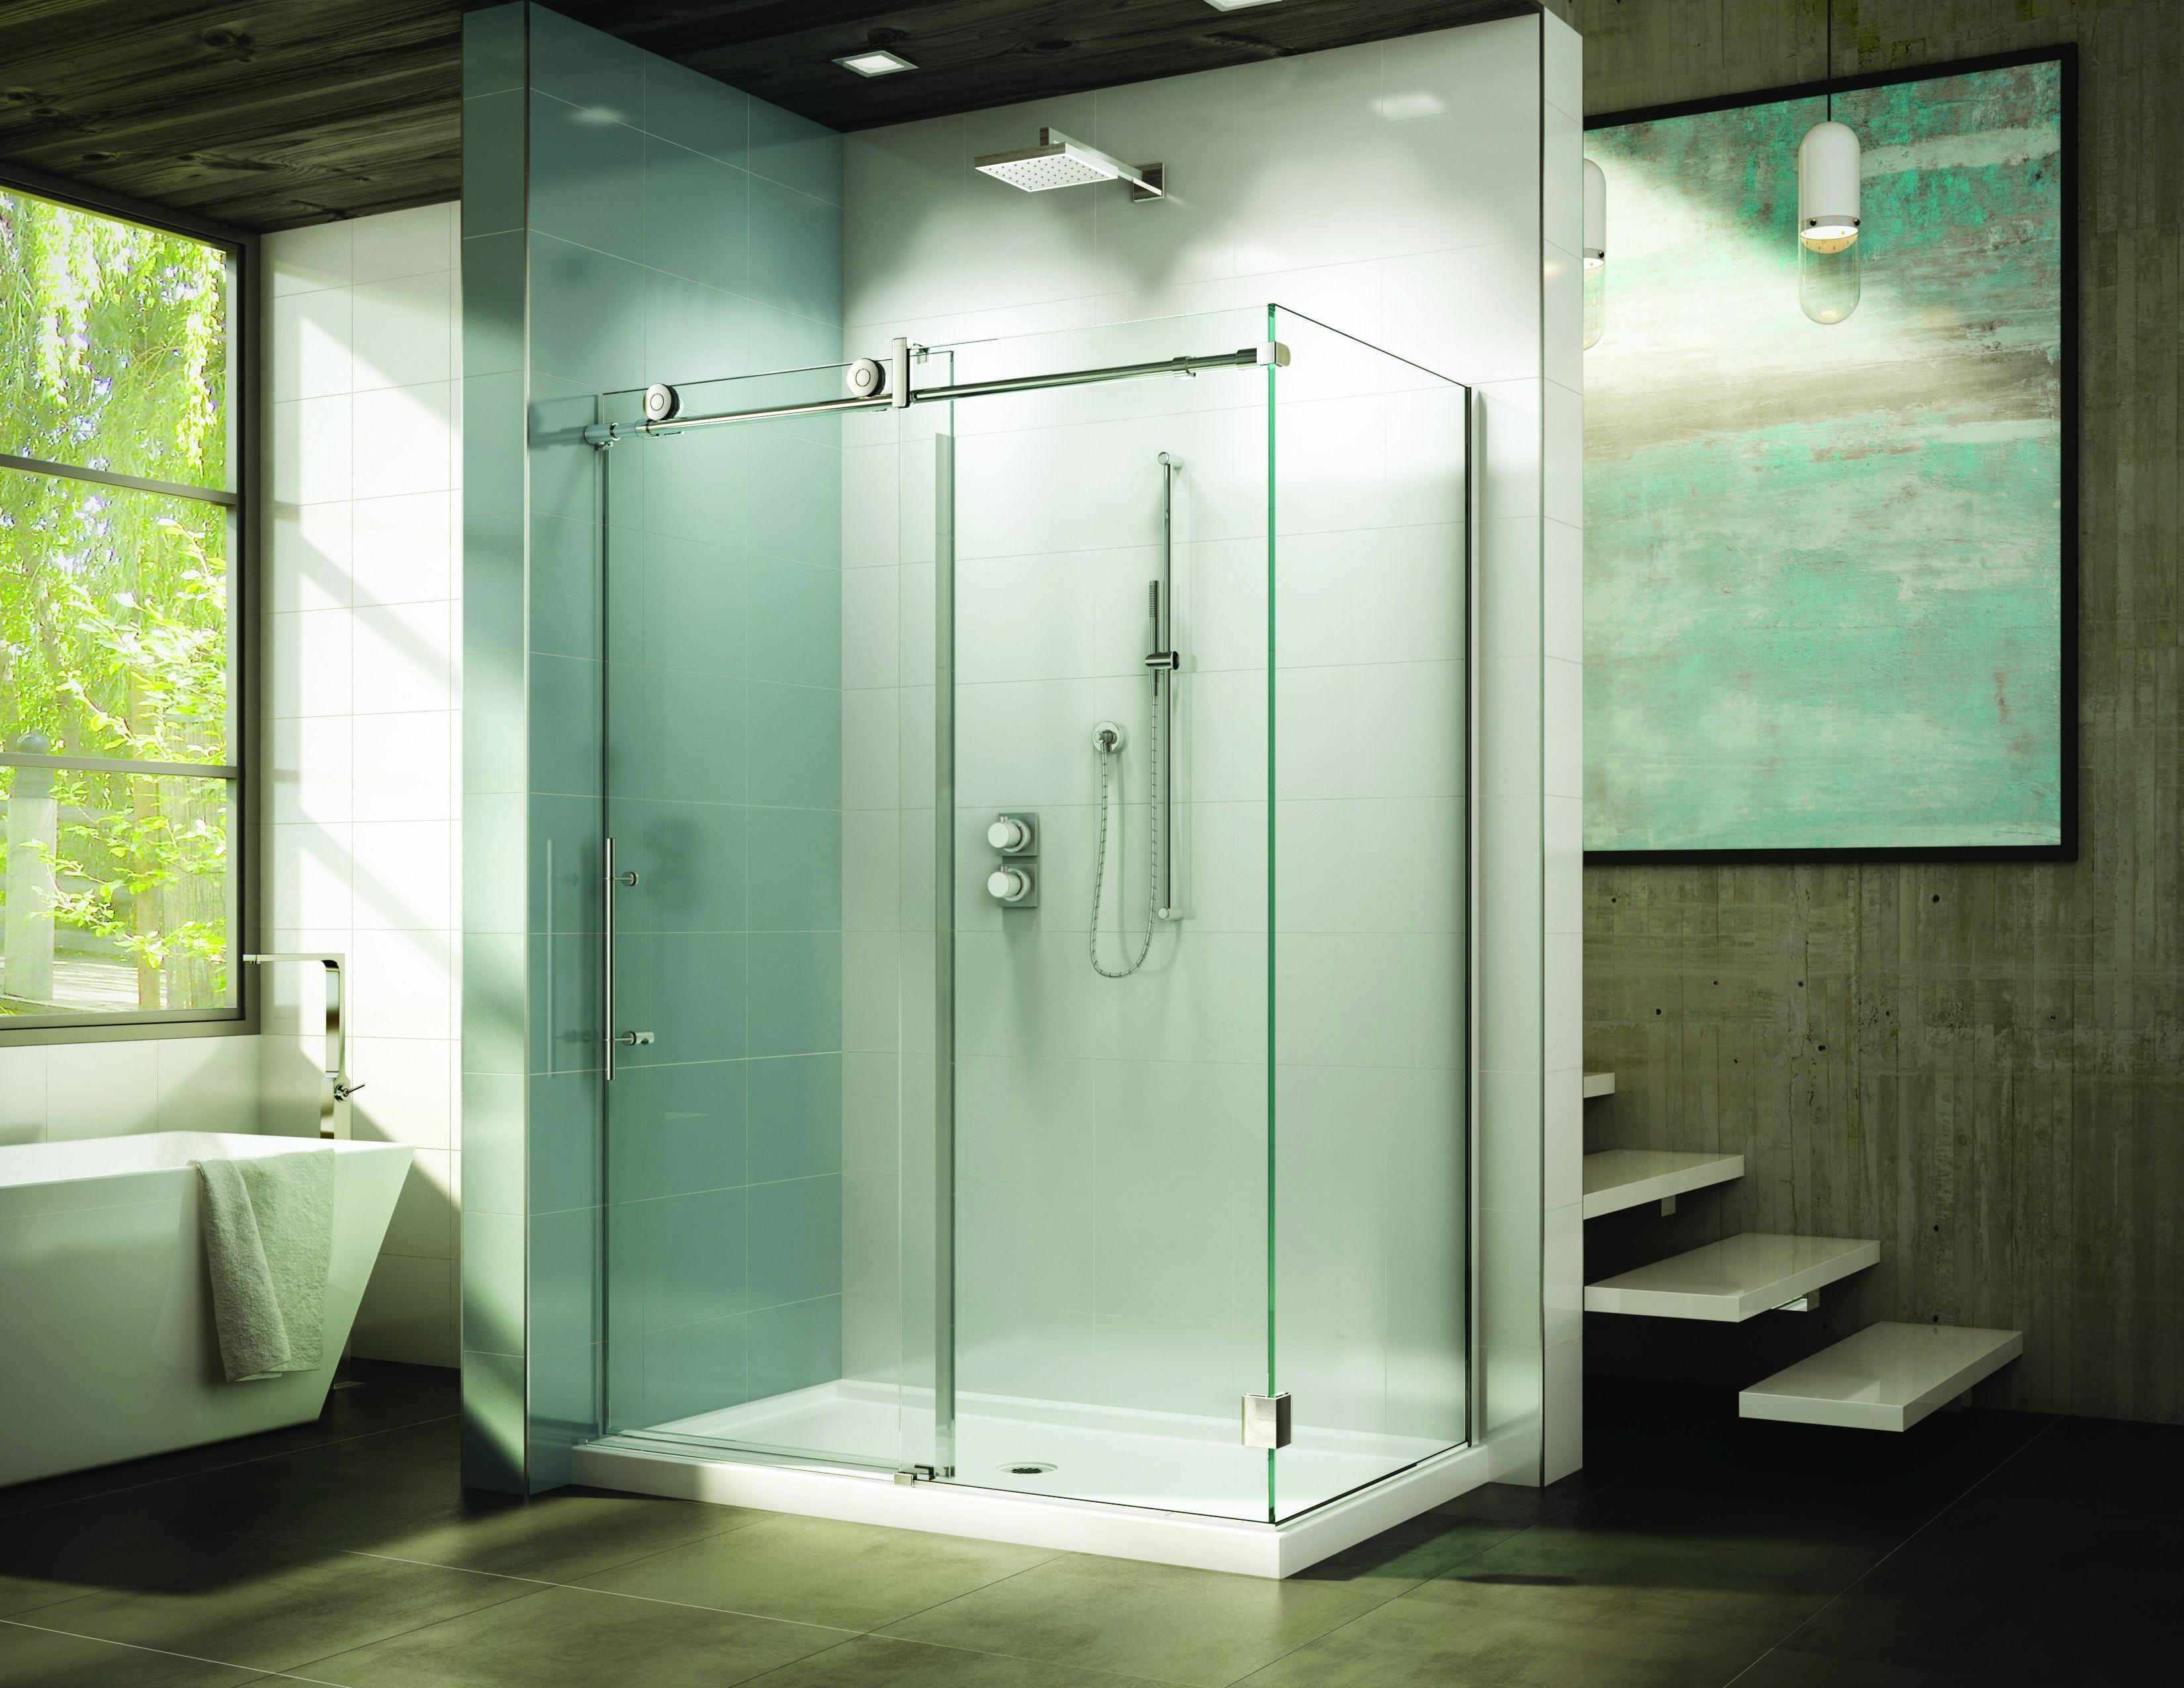 Kinetik Kn By Fleurco Kinetik Shower Doors By Fleurco Pinterest